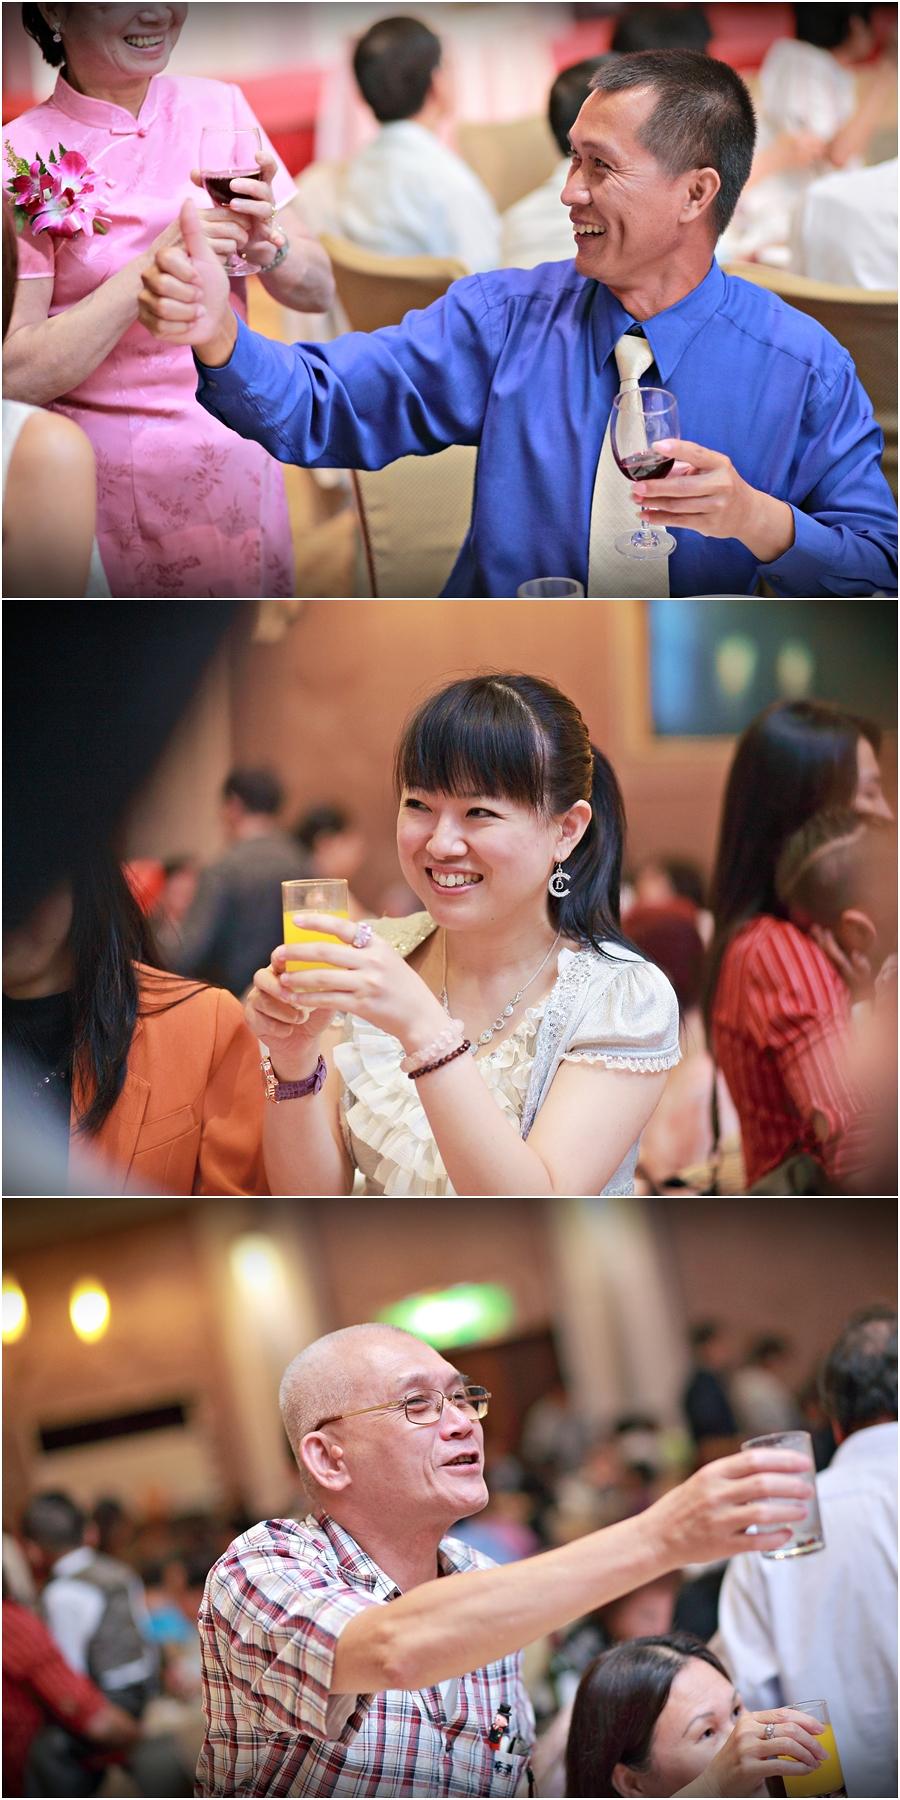 婚攝推薦,婚攝推薦,婚攝,婚禮記錄,搖滾雙魚,台北徐州路二號